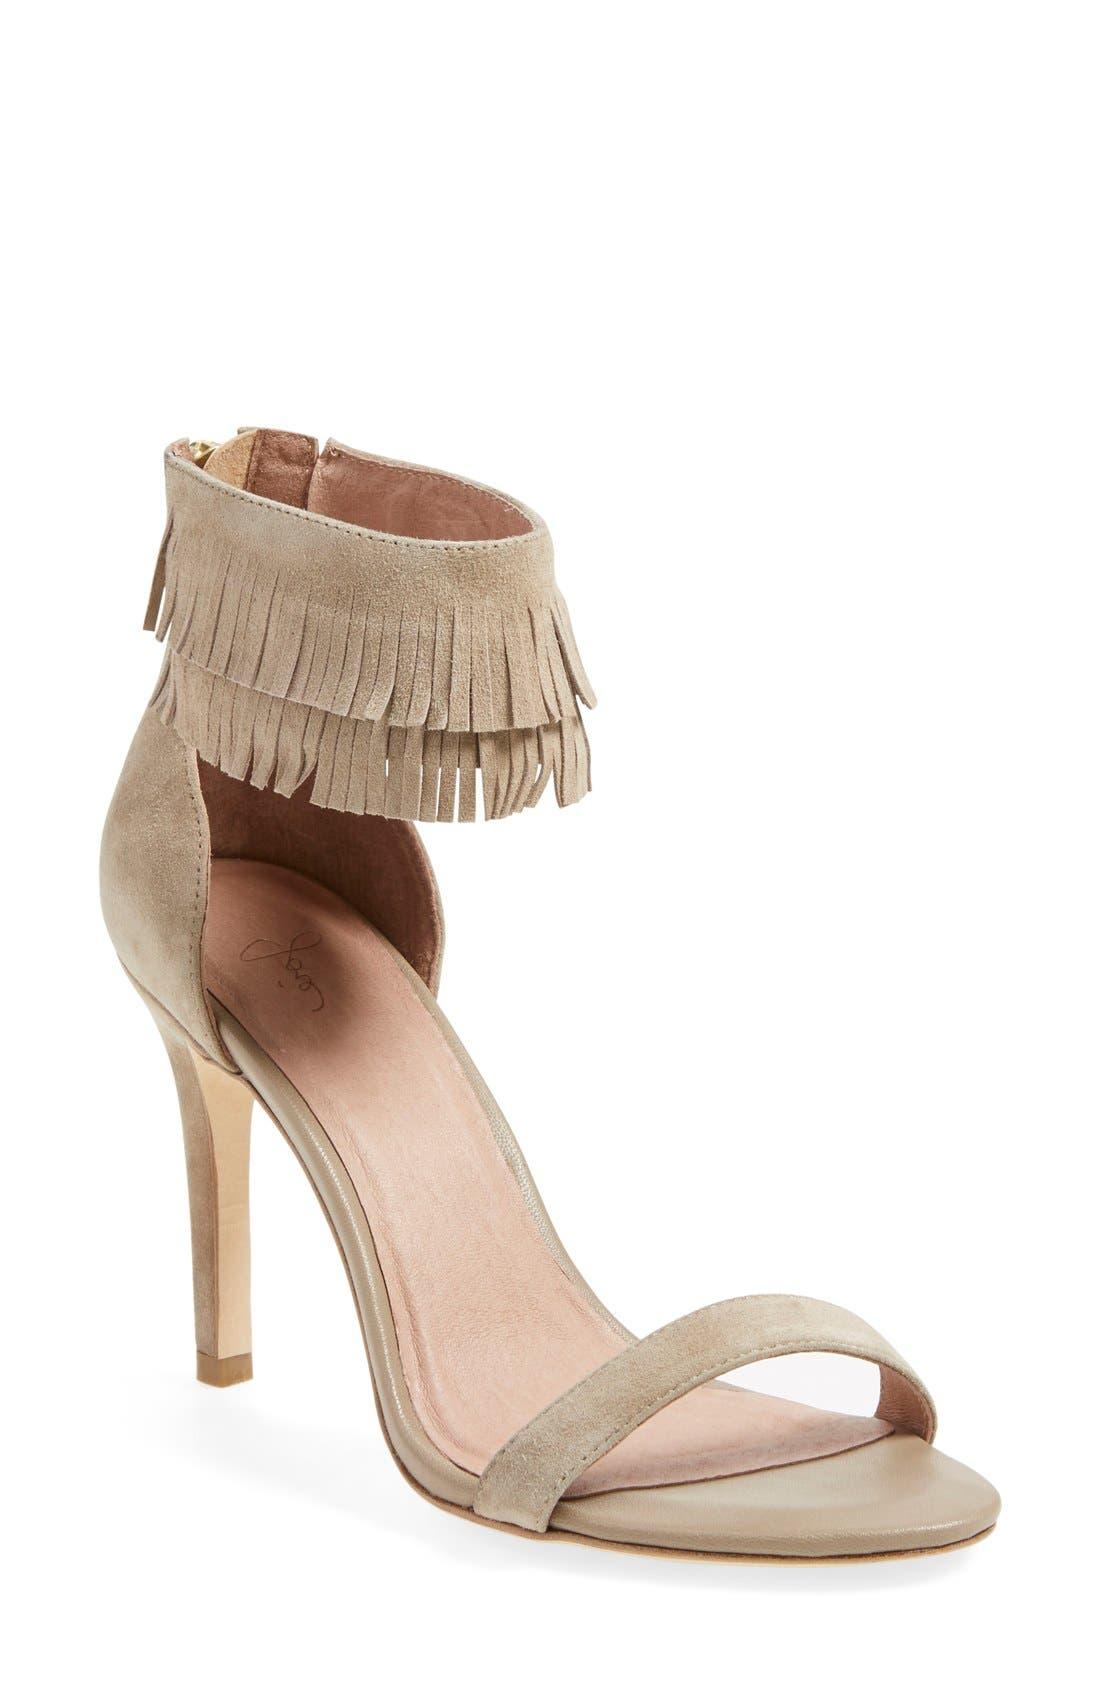 'Alek' Fringe Ankle Strap Sandal, Main, color, 254